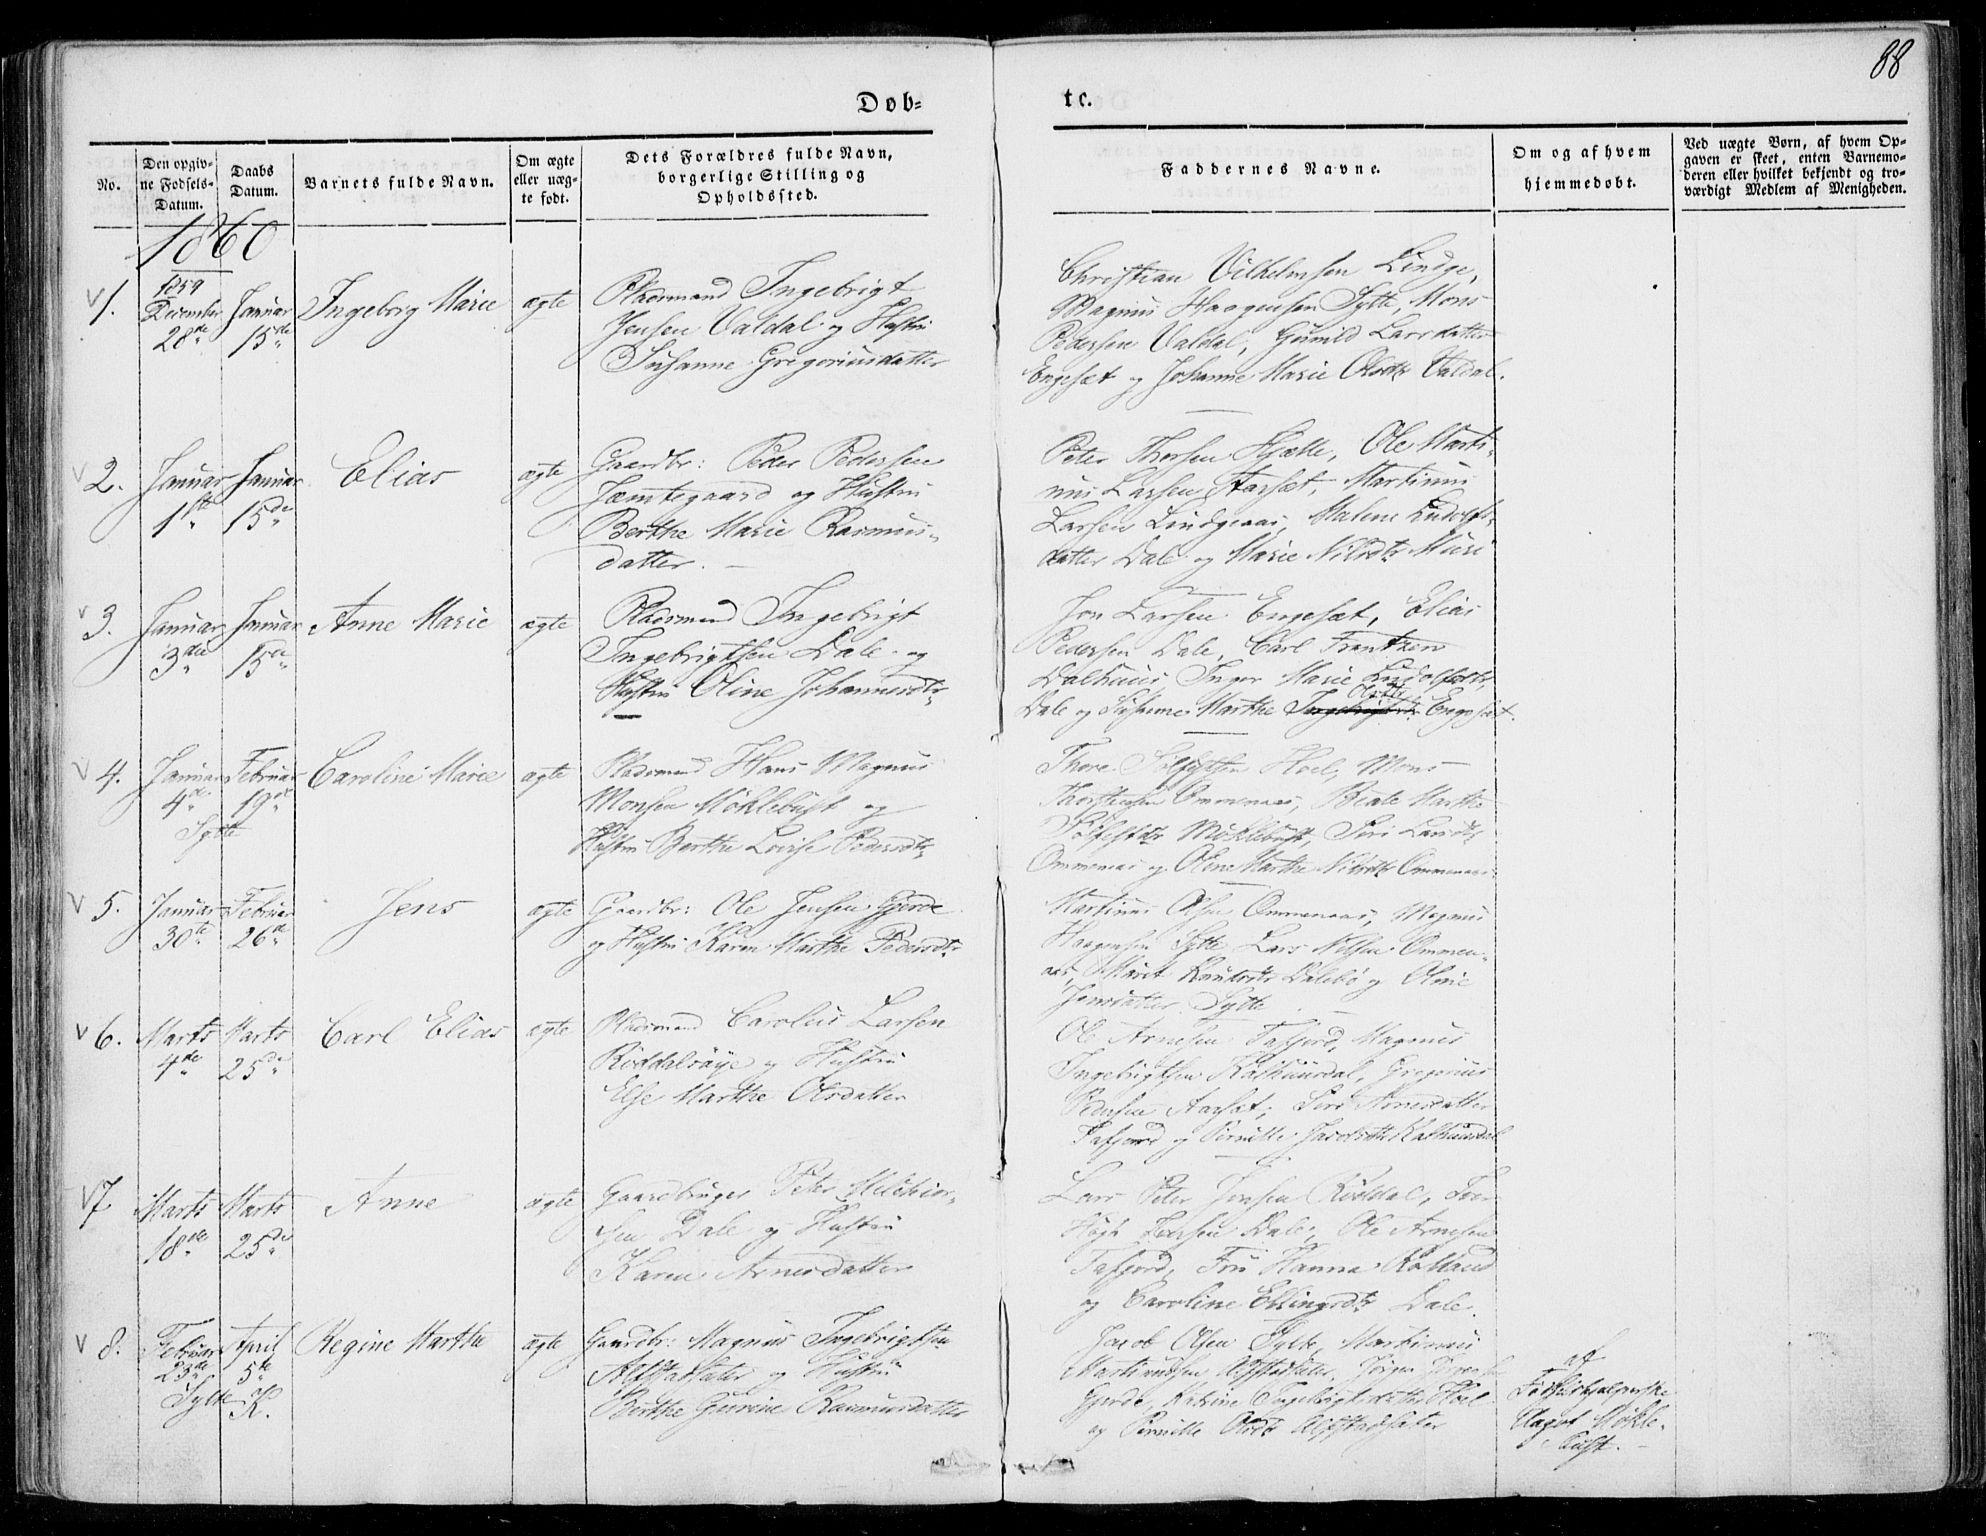 SAT, Ministerialprotokoller, klokkerbøker og fødselsregistre - Møre og Romsdal, 519/L0249: Ministerialbok nr. 519A08, 1846-1868, s. 88